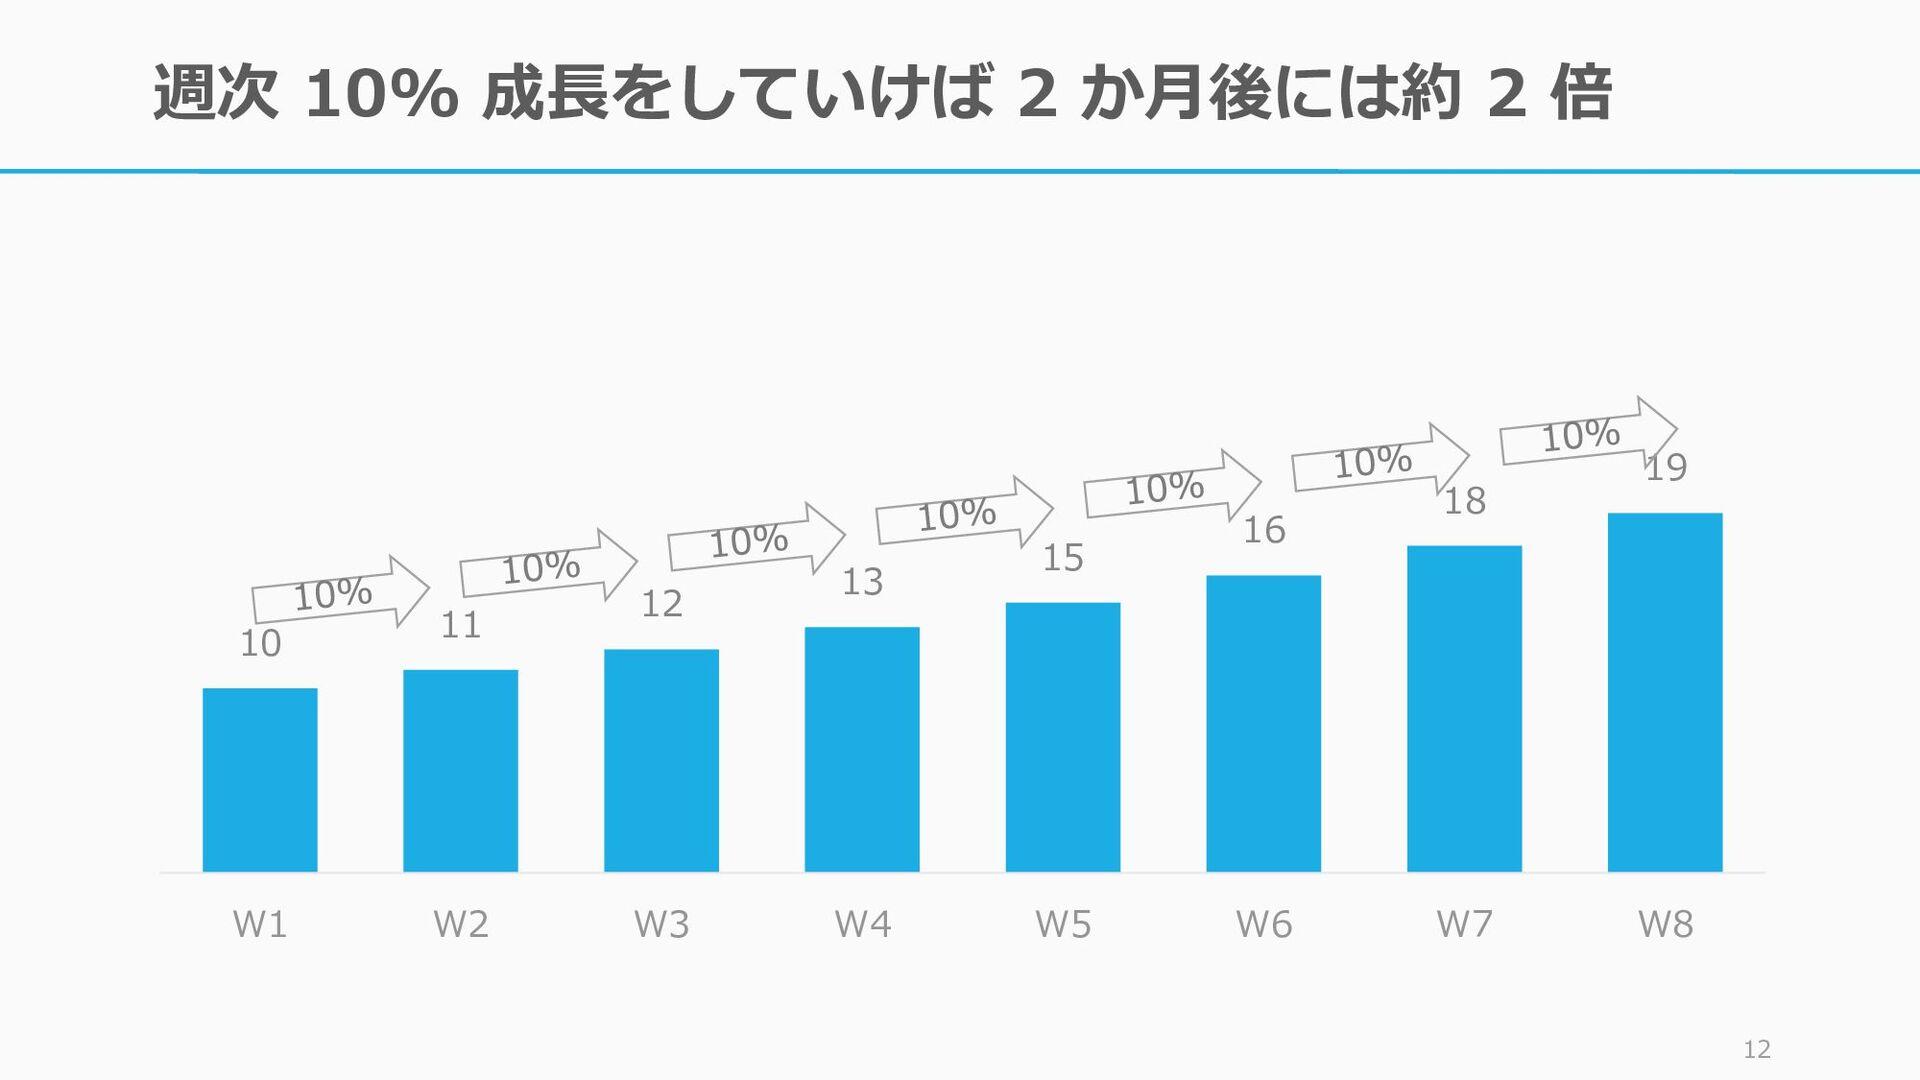 週次 10% 成長をしていけば 2 か月後には約 2 倍 11 10 11 12 13 15 ...